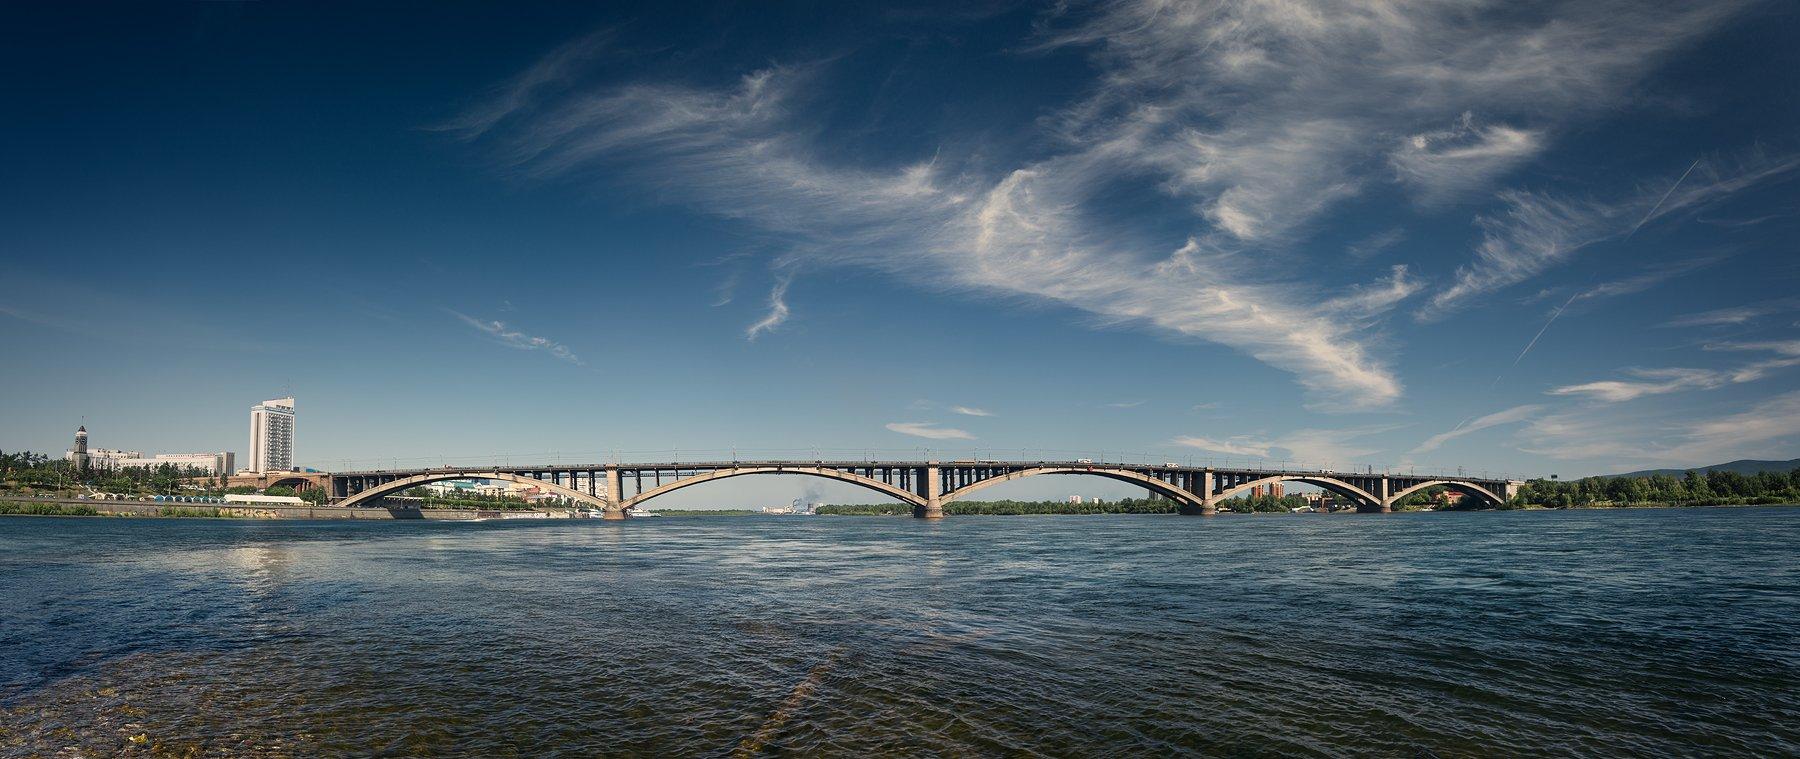 пейзаж, landscape, город, city, cityview, панорама, panorama, мост, bridge, river, река, enisey, енисей, krasnoyarsk, красноярск, sky, clouds, небо, облака, широкий, большой, wide, big, Дмитрий Антипов